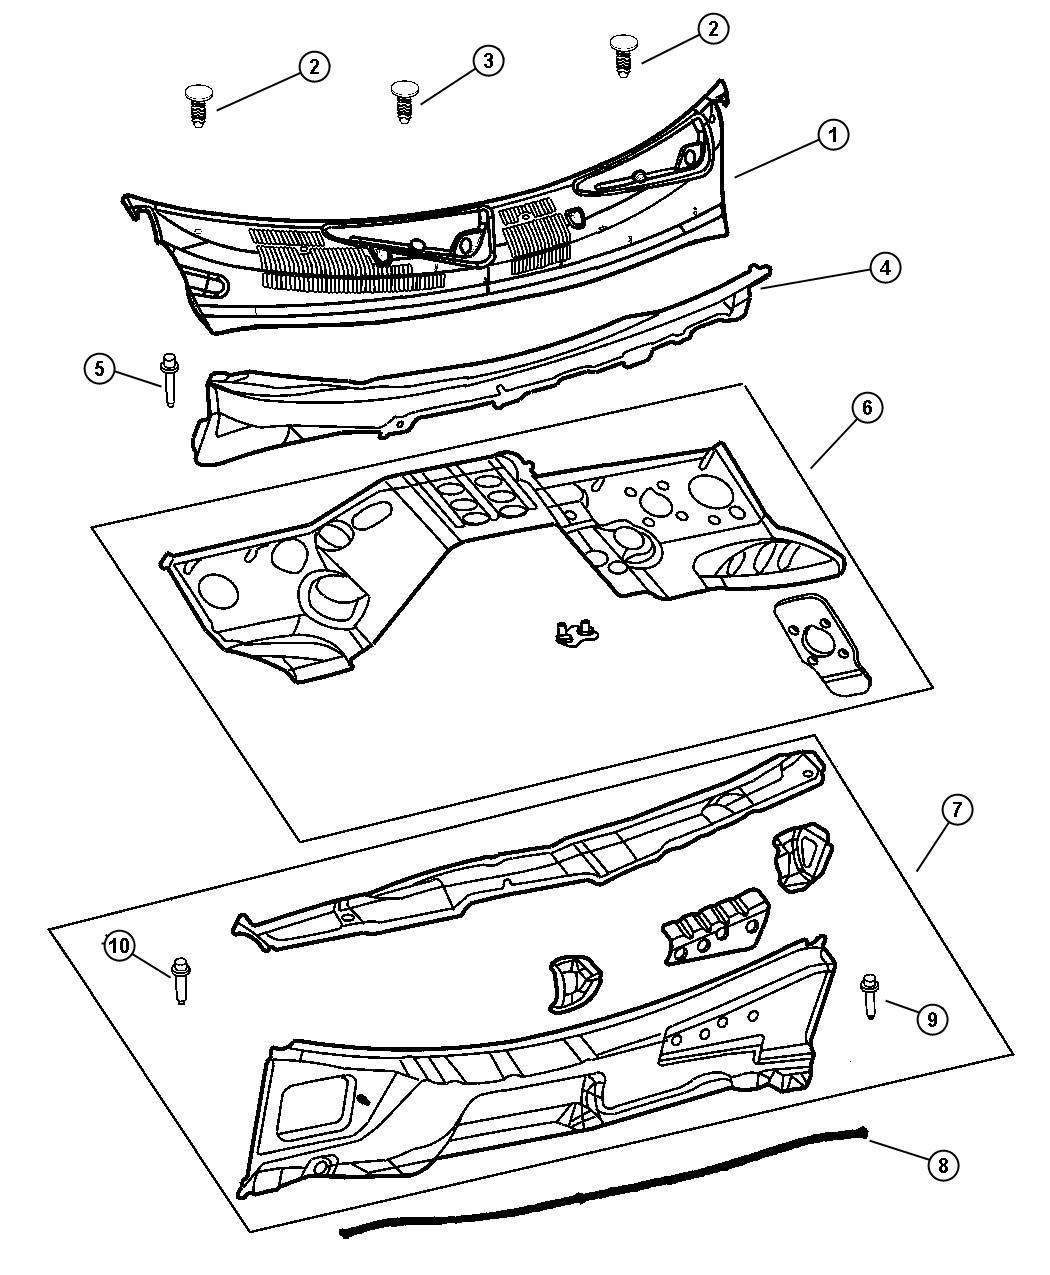 The Plastic Screws